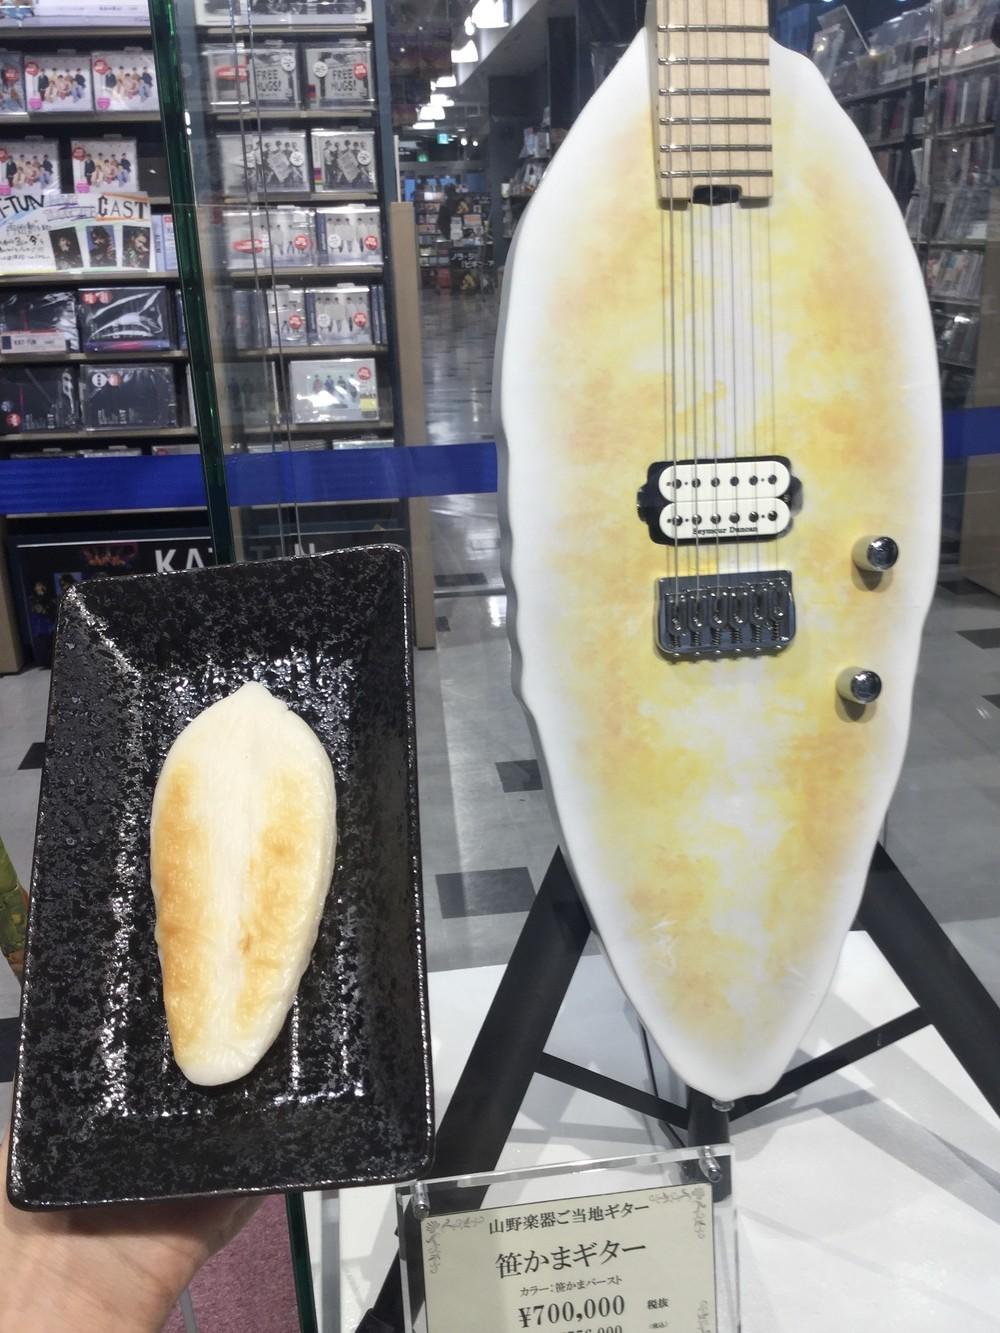 仙台の楽器店に「笹かまぼこギター」  本物の「笹かま」を並べてみた